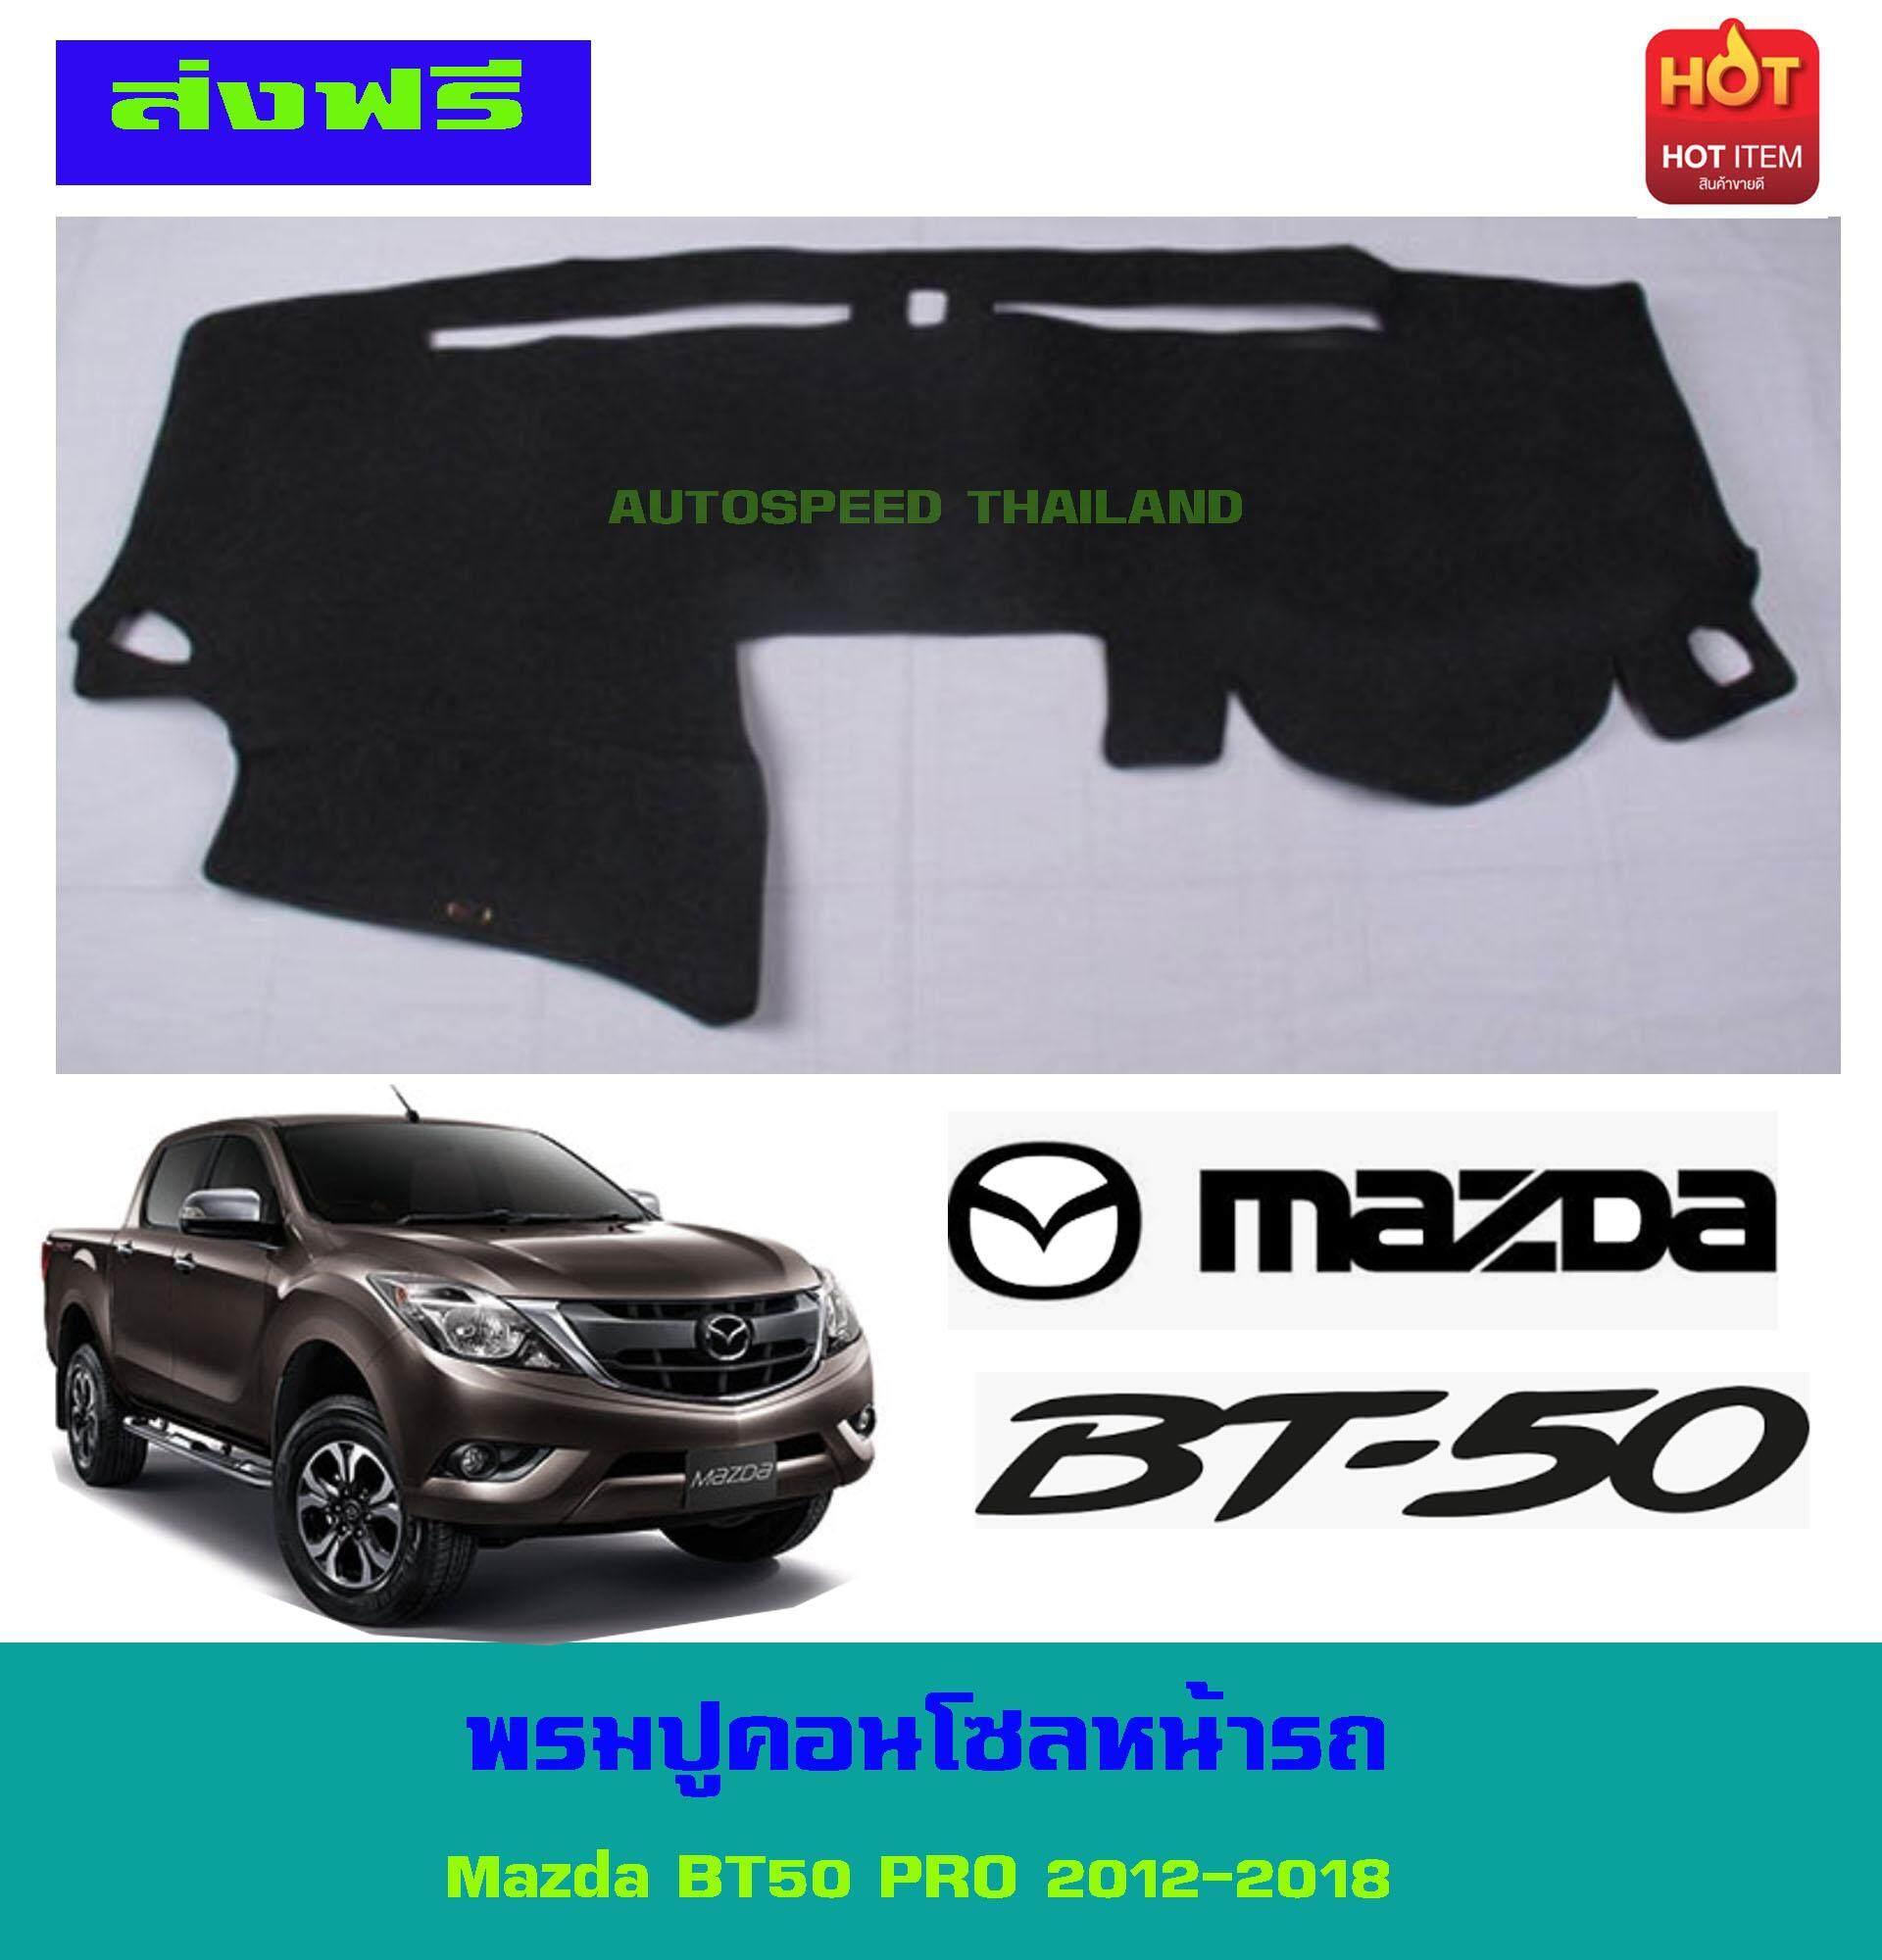 พรมปูหน้ารถ Mazda Bt50 Pro 2012-2018 By Autospeedthailand.